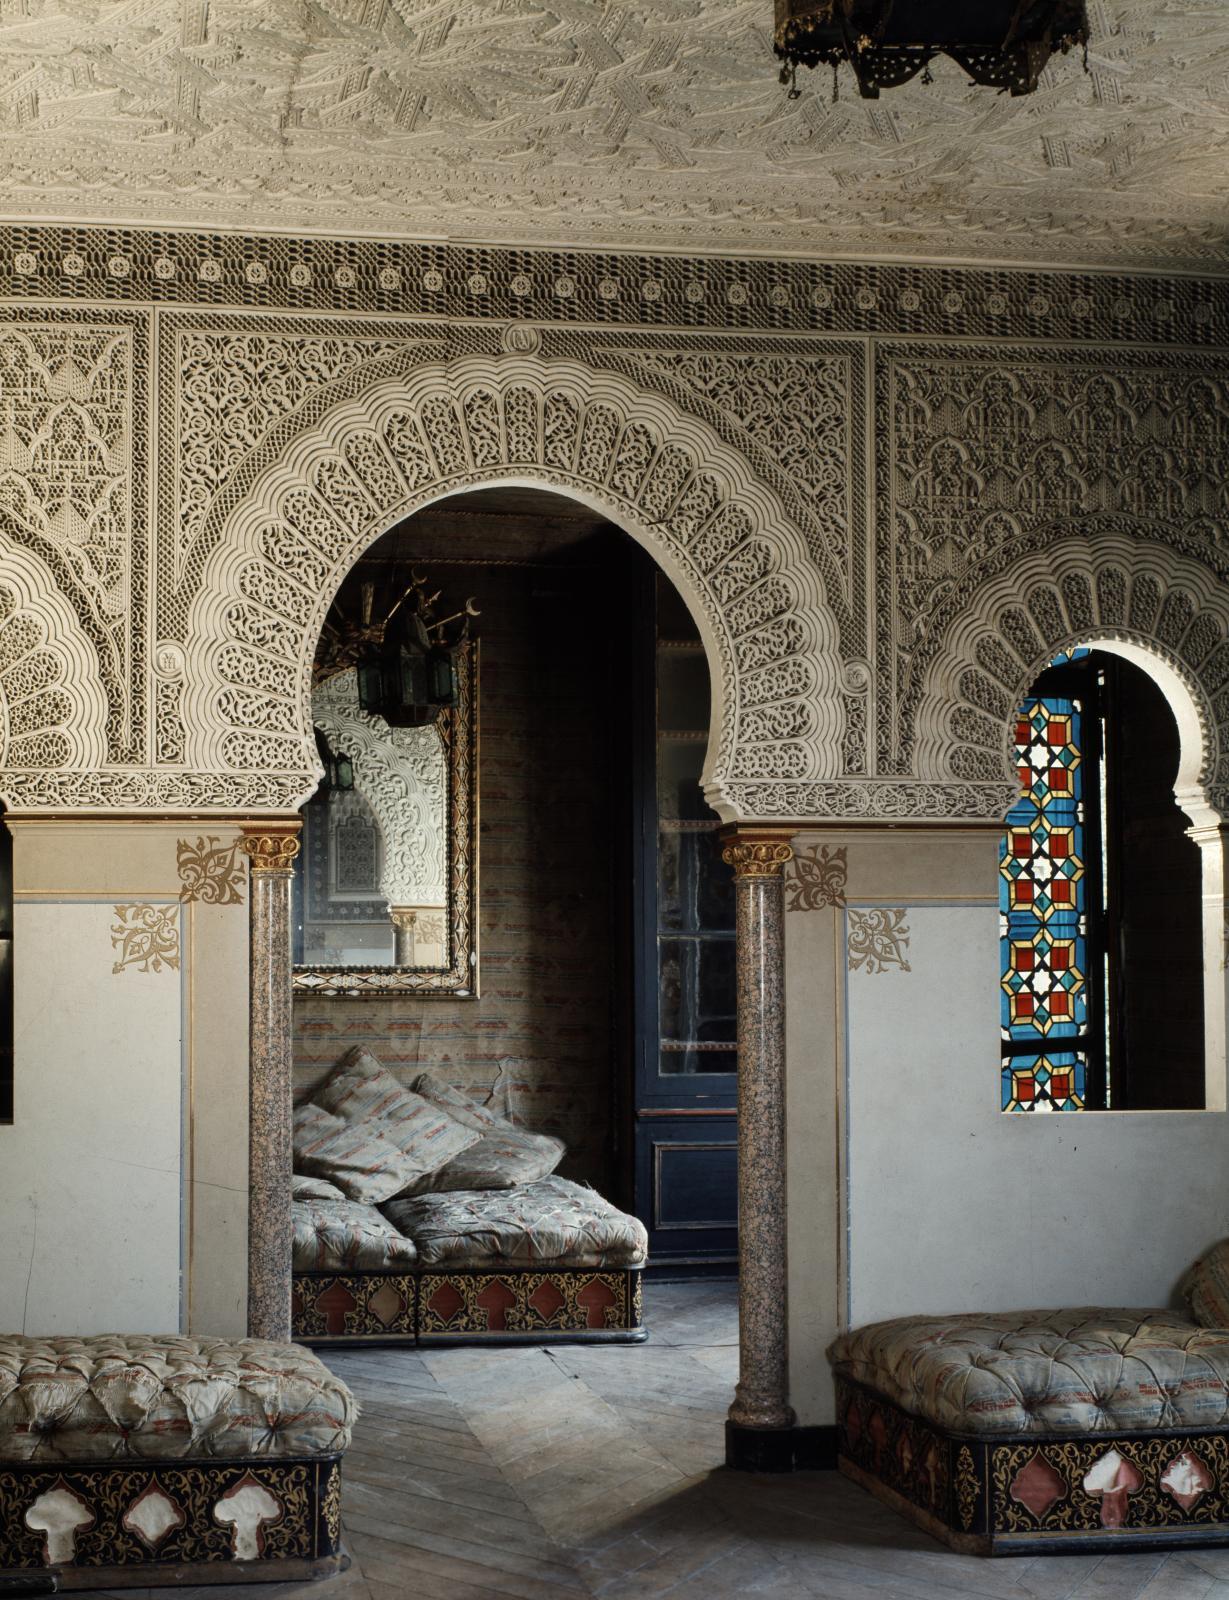 Le salon mauresque, château de Monte-Cristo. ©akg-images/cda/guillot